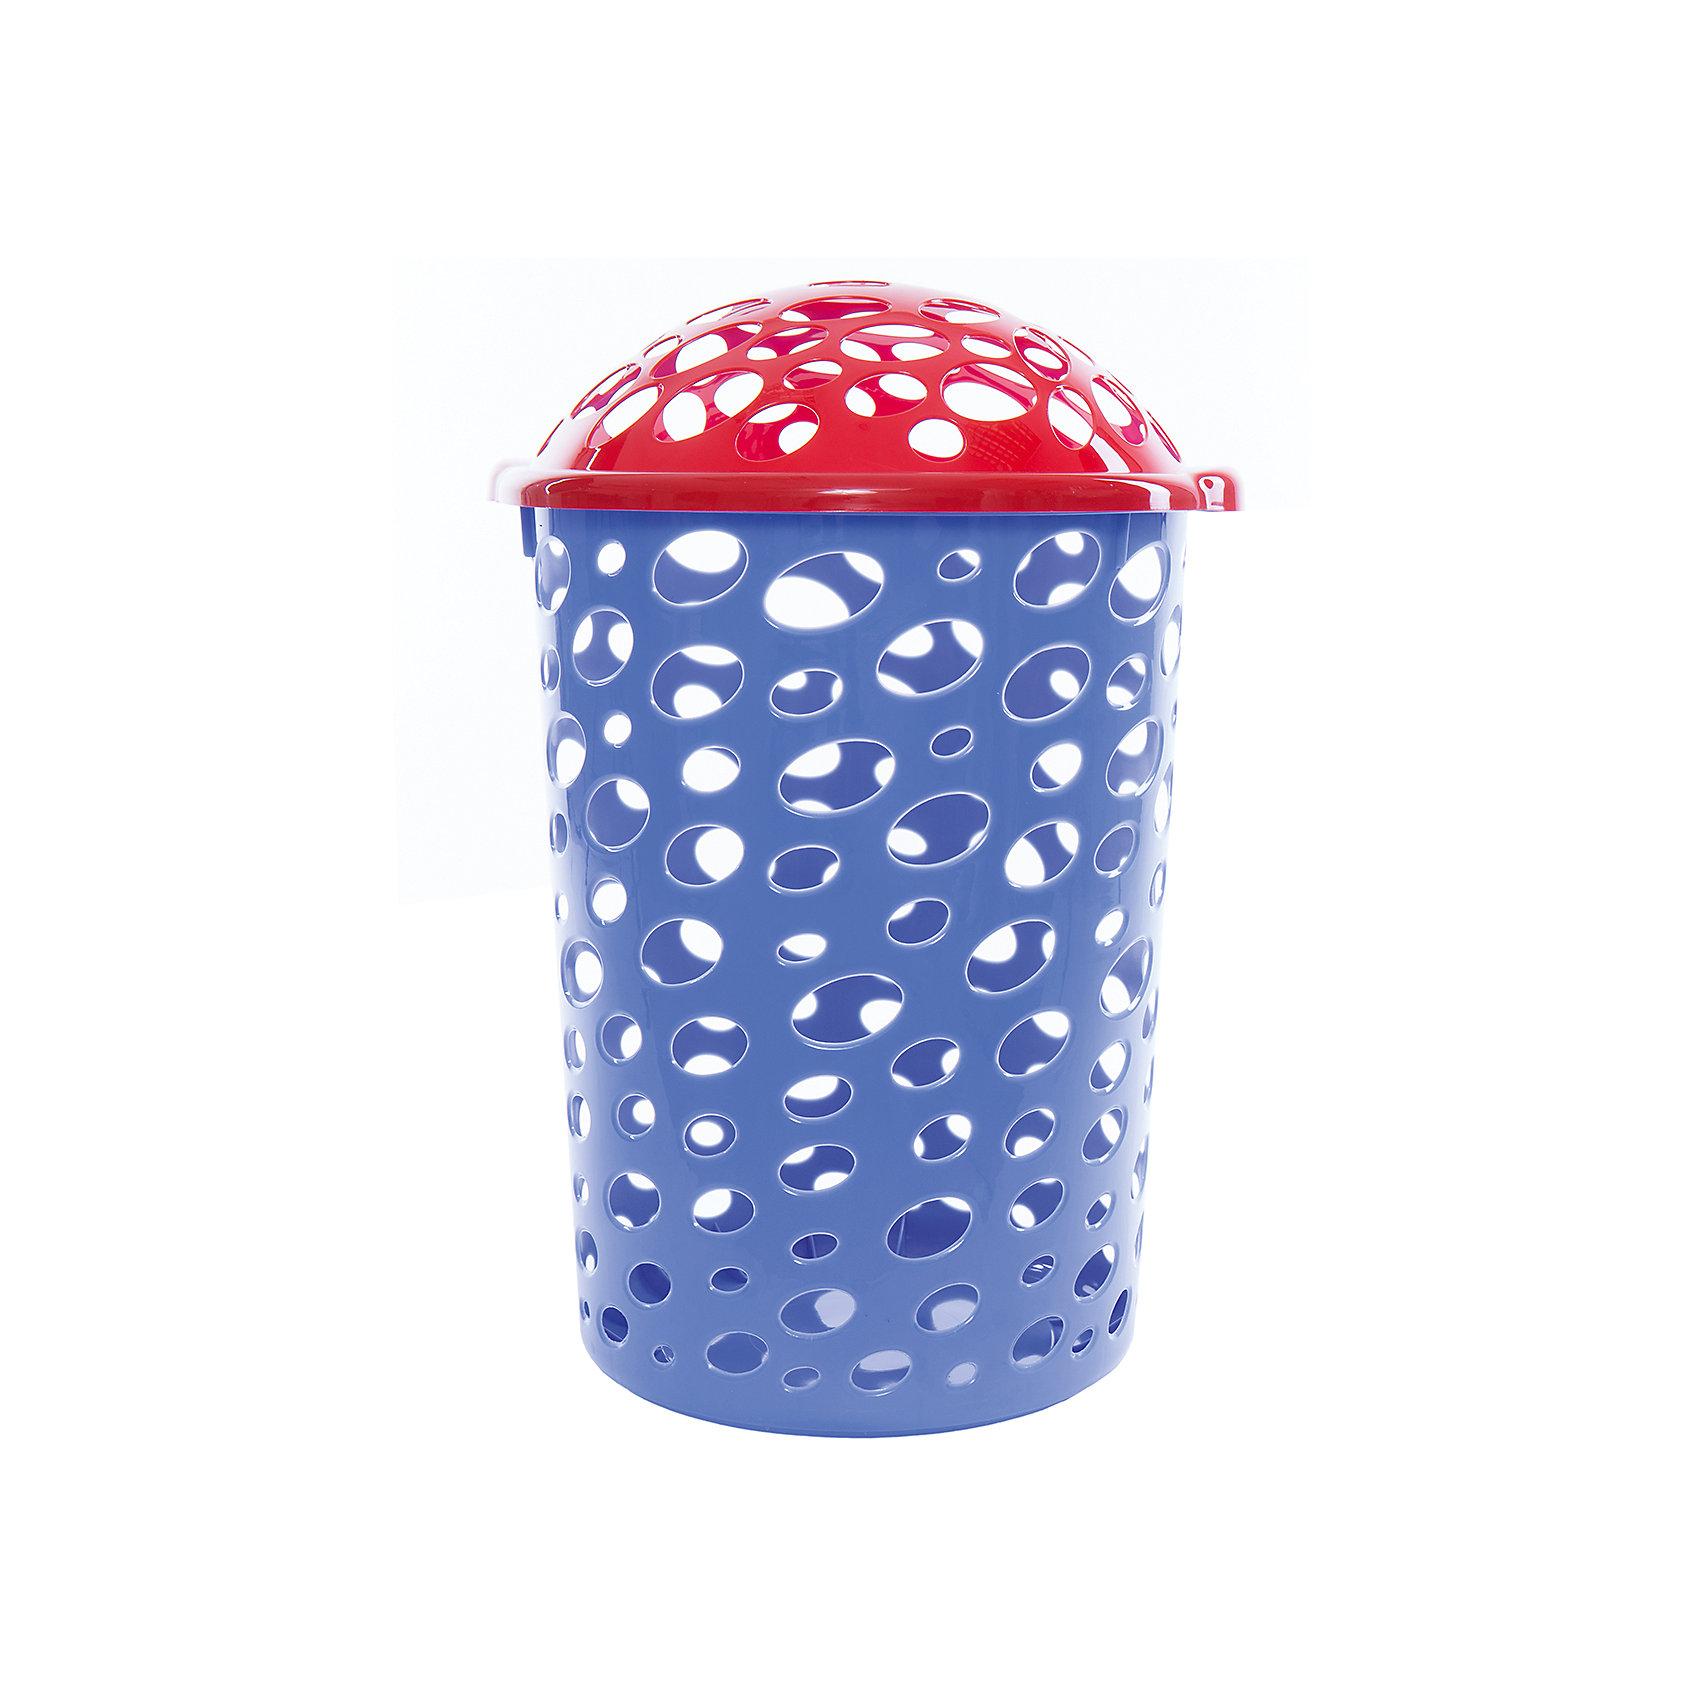 Корзина Сорренто 45л. ,  Alternativa, голубойПорядок в детской<br>Сорренто - корзина для детей. Корзина очень легкая, вместительная, закрывается крышкой. Она имеет необычный дизайн, который непременно понравится малышу, и он с радостью будет хранить в такой корзине свои игрушки. <br><br>Дополнительная информация:<br>Материал: пластик<br>Цвет: голубой<br>Объем: 45 л<br>Размер: 39х39х59 см<br><br>Корзину Сорренто вы можете купить в нашем интернет-магазине.<br><br>Ширина мм: 390<br>Глубина мм: 390<br>Высота мм: 590<br>Вес г: 911<br>Возраст от месяцев: 36<br>Возраст до месяцев: 144<br>Пол: Унисекс<br>Возраст: Детский<br>SKU: 4979734